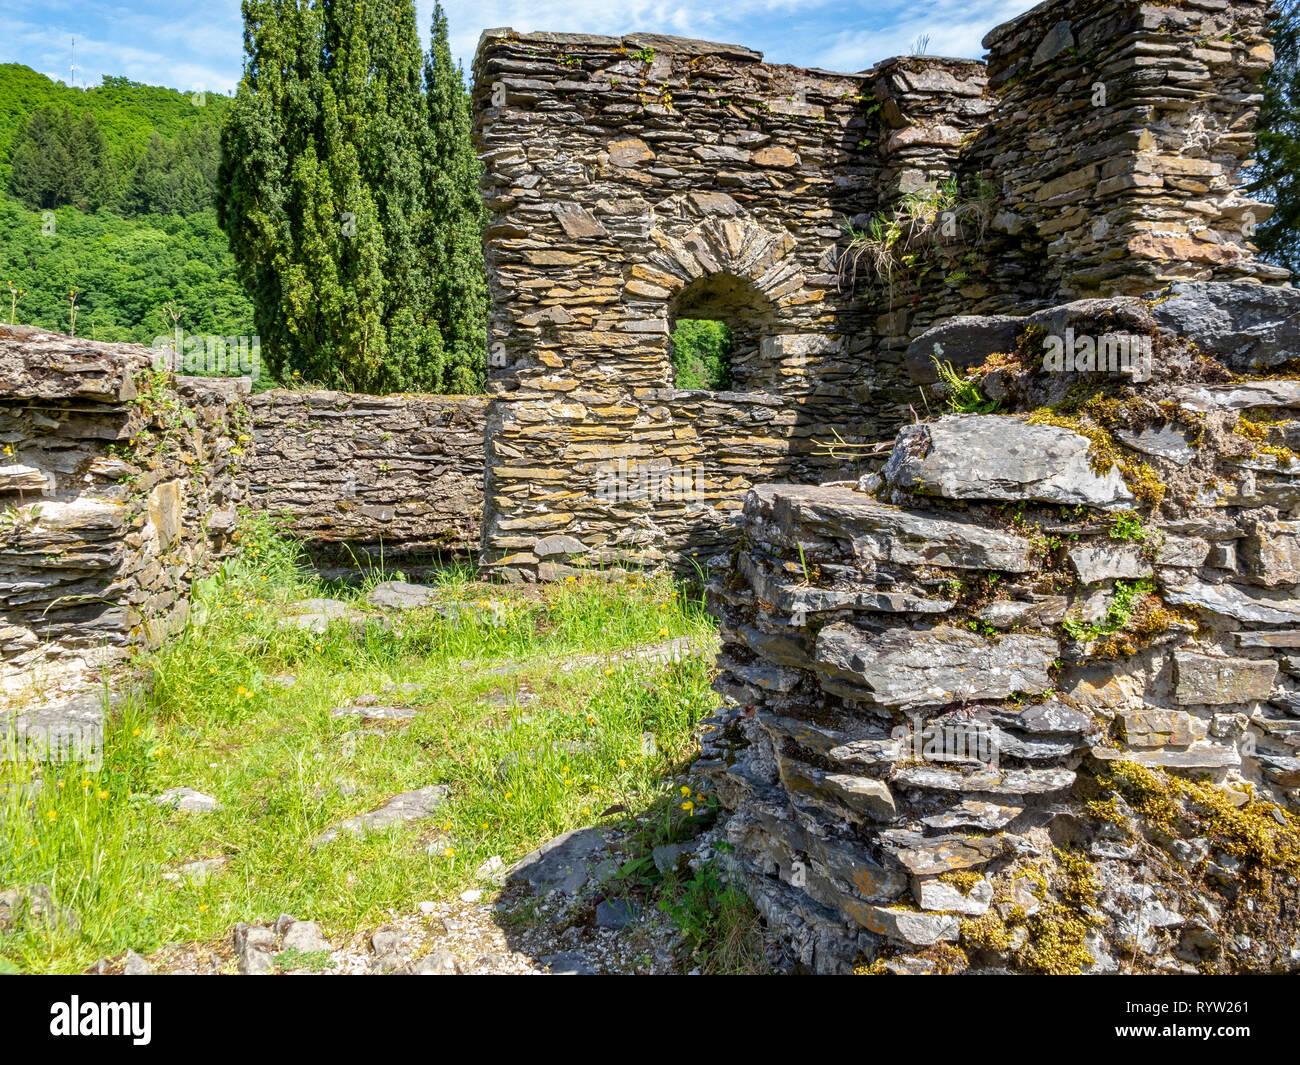 Esch-Sur-Sûre castle ruins, protections extérieures vue partielle, à Esch-sur-Sure, canton de Wiltz, district de Diekirch, Luxembourg Photo Stock